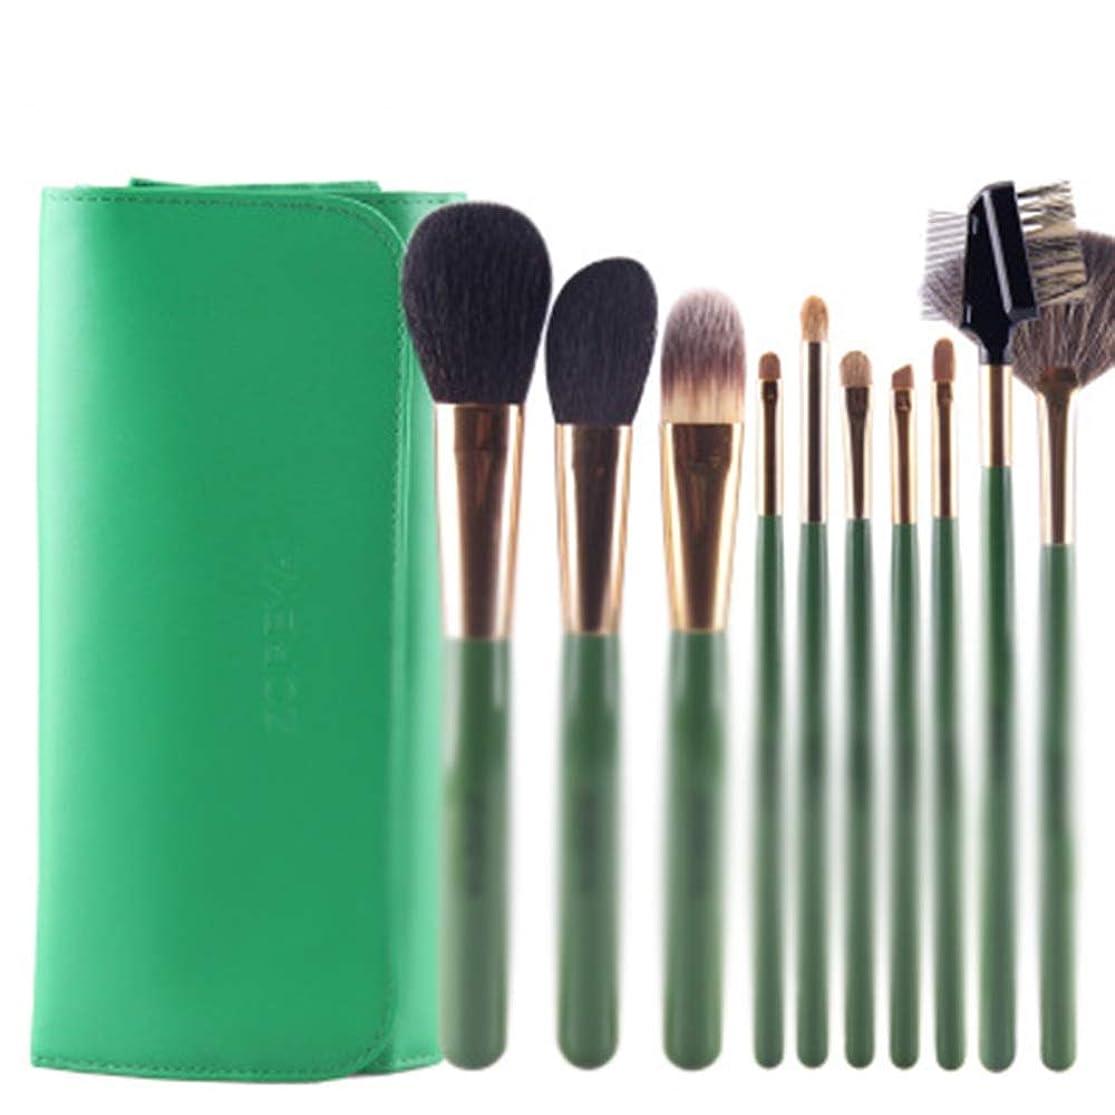 戻る周波数ハードウェア化粧毛ブラシ 12 PCSソフトヘアメイクアップブラシセット初心者メイクアップツールヘアメイクアップスーツプロフェッショナルメイクアップブラシプレミアム合成ファンデーションブラシブレンドフェイスパウダーブラッシュコンシーラーアイコスメティックメイクアップブラシキットバッグ付き (色 : 緑, サイズ : Free size)